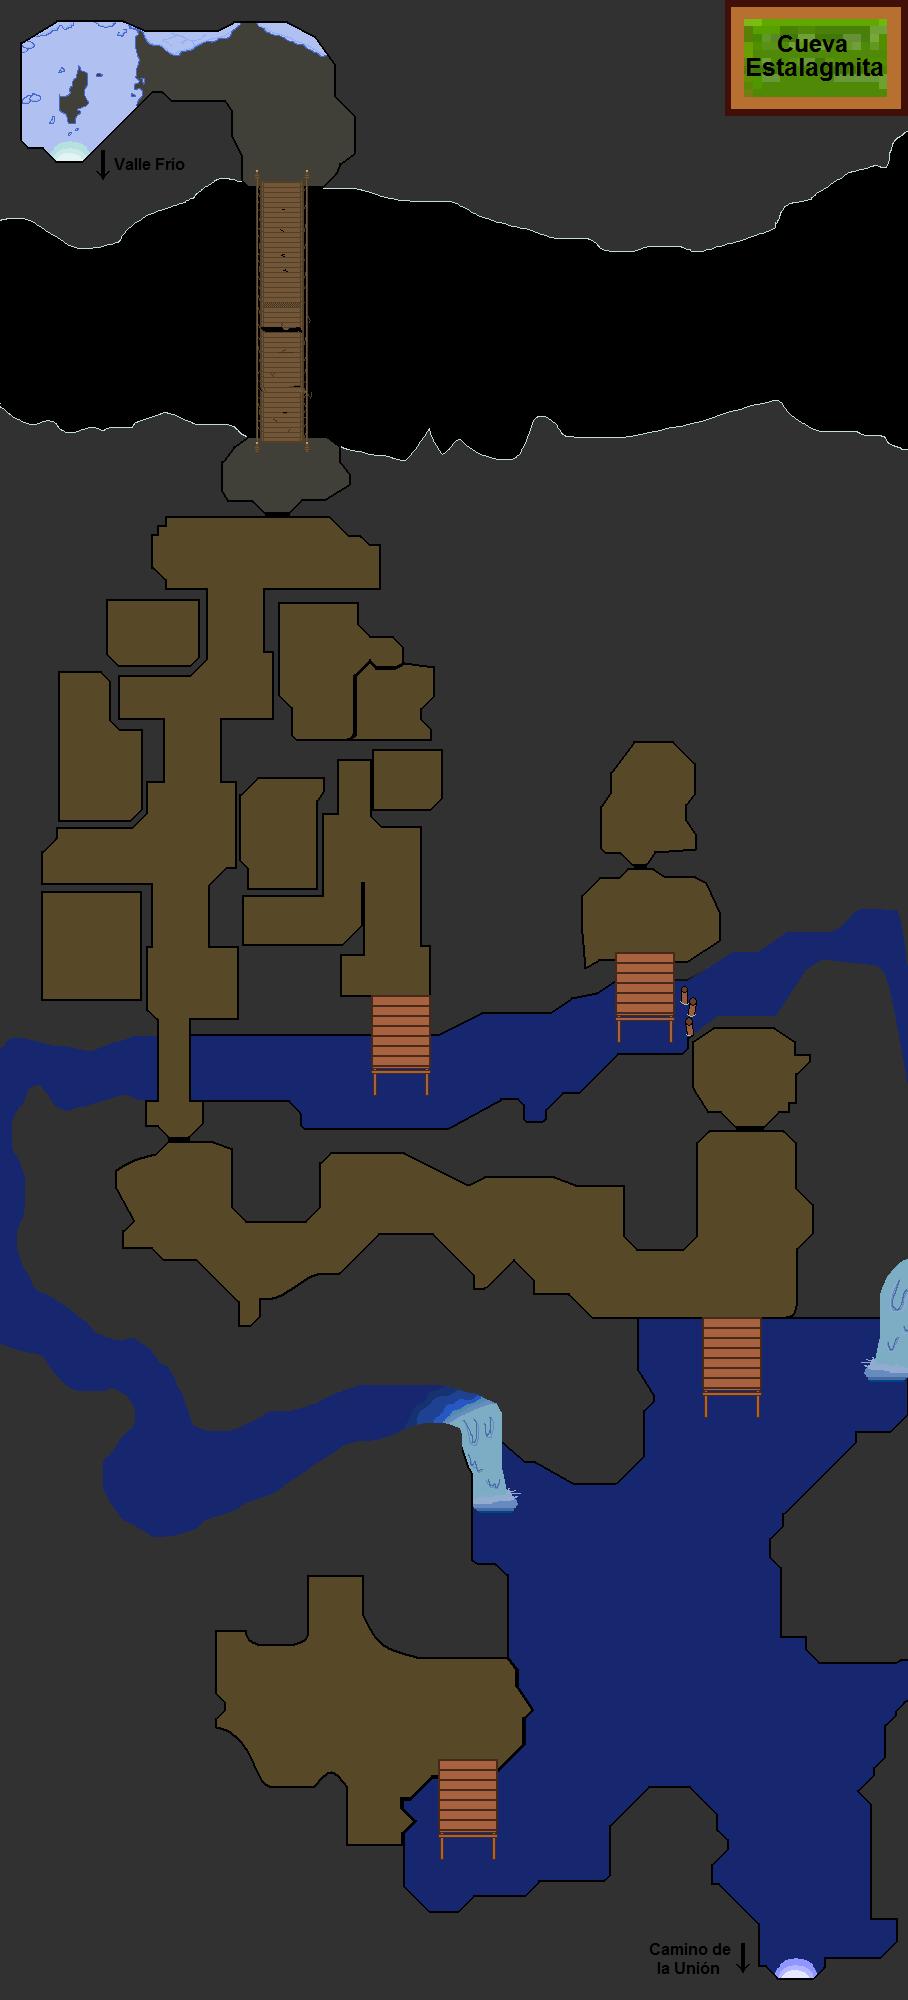 Plano de Cueva Estalagmita